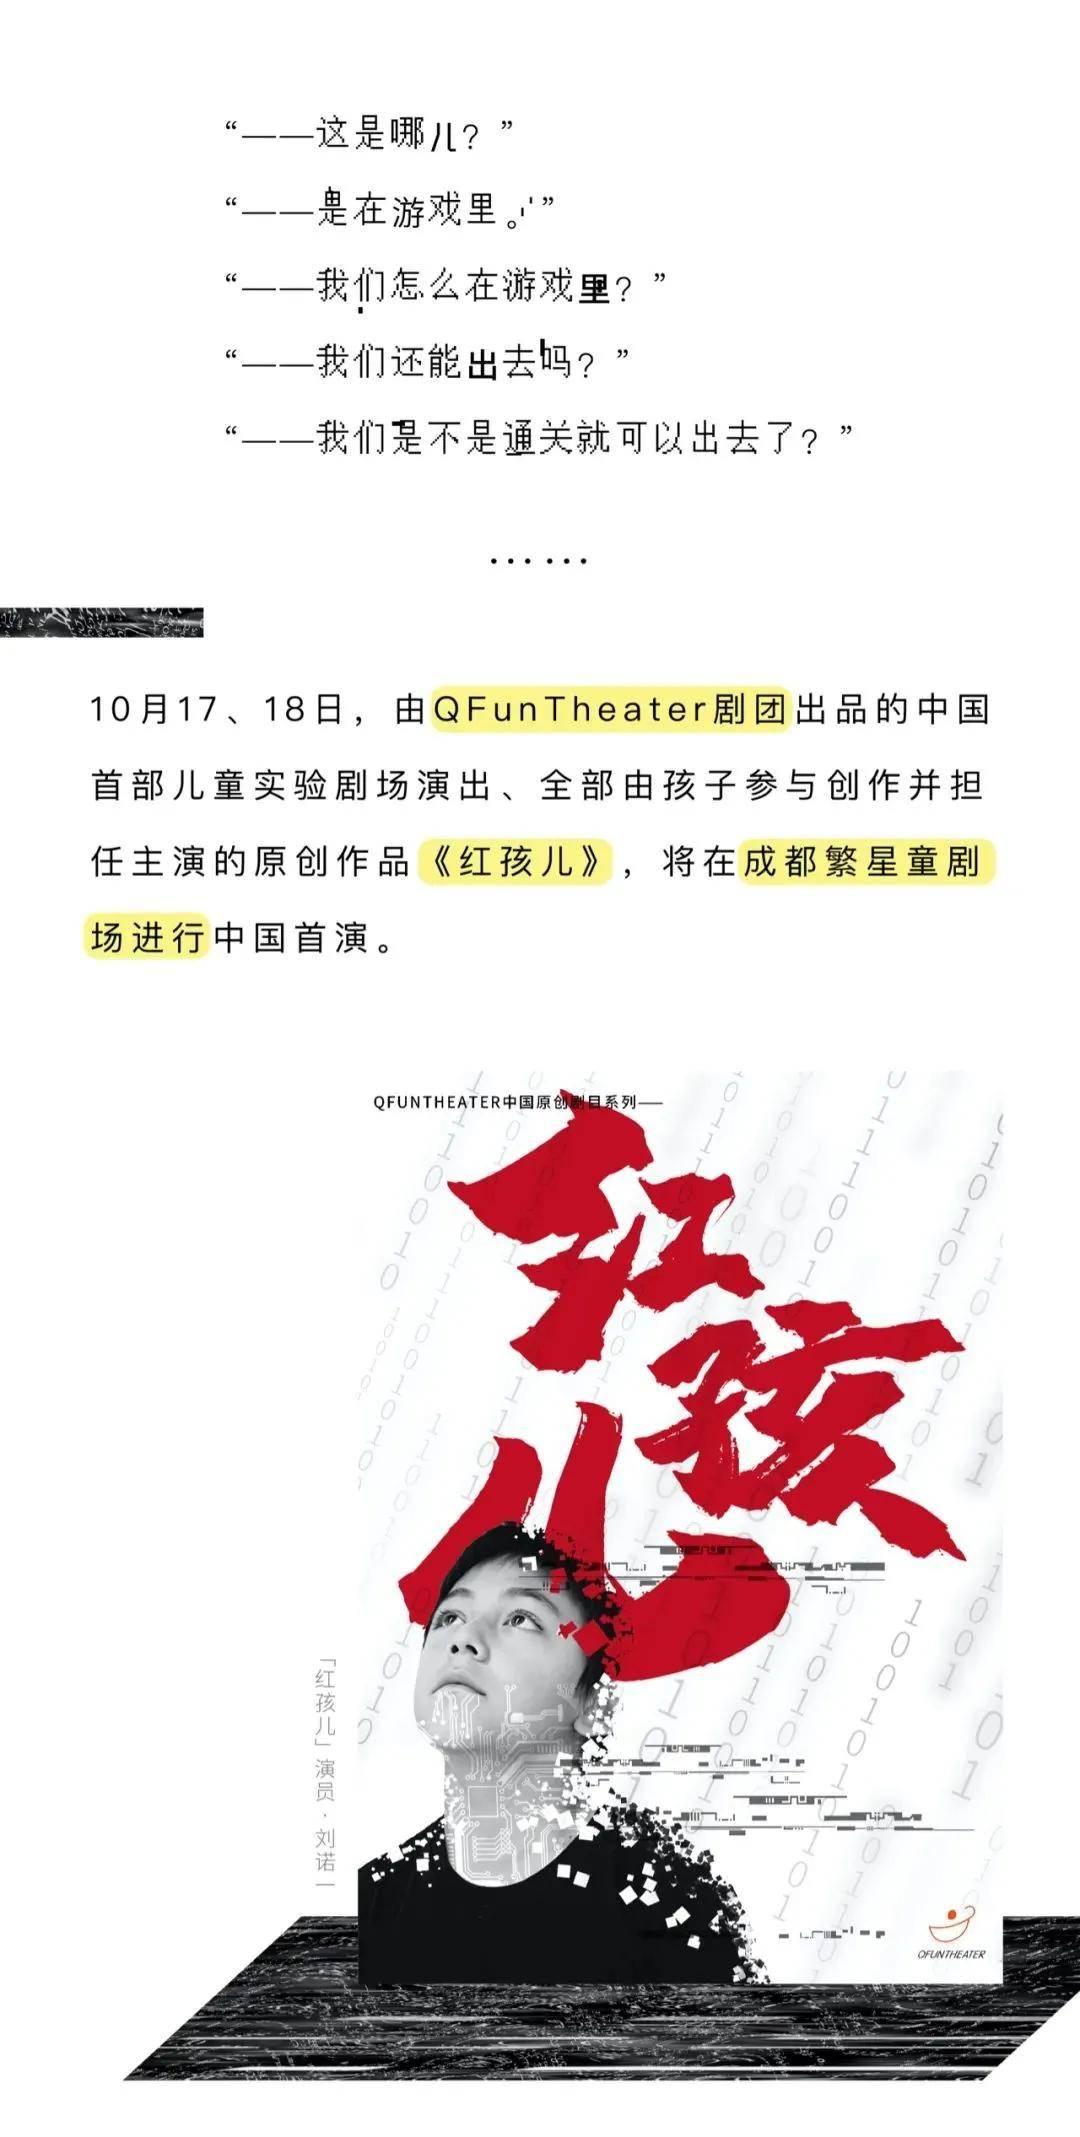 中国最棒的儿童实验剧场!首次国内巡演!